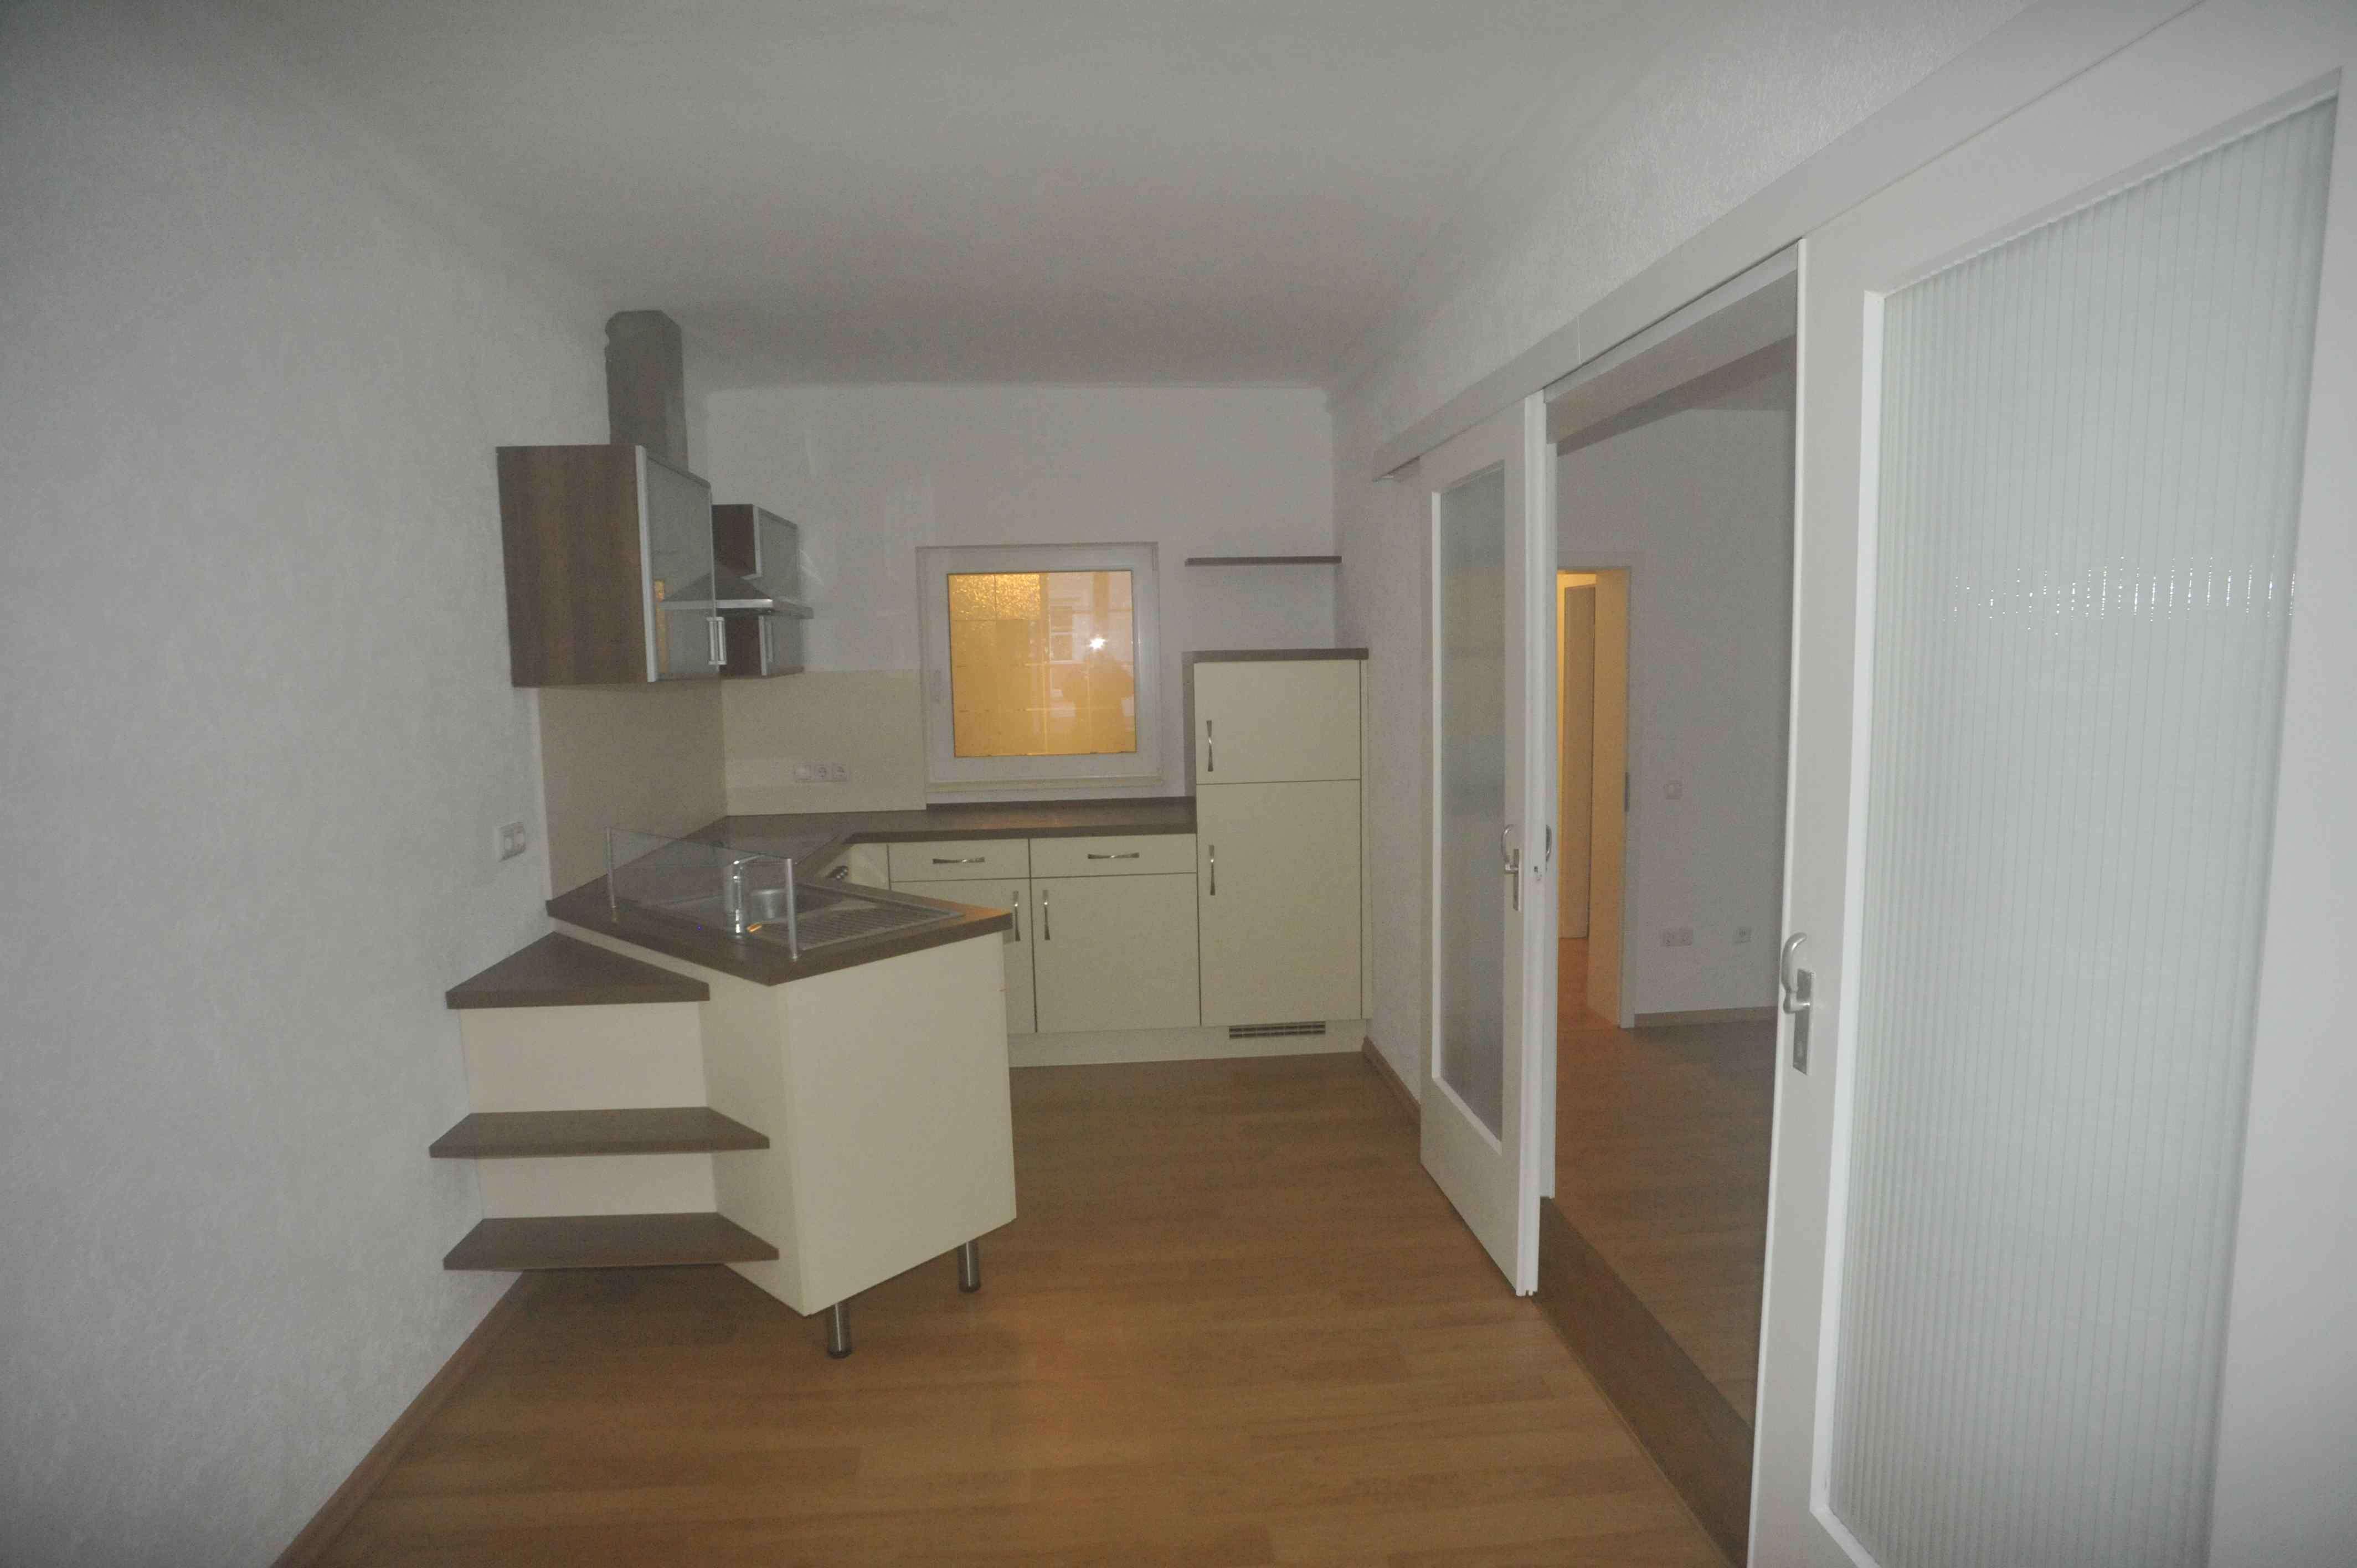 Stilvolle 2-Zimmer-Wohnung mit Balkon und EBK in Landshut in Altstadt (Landshut)